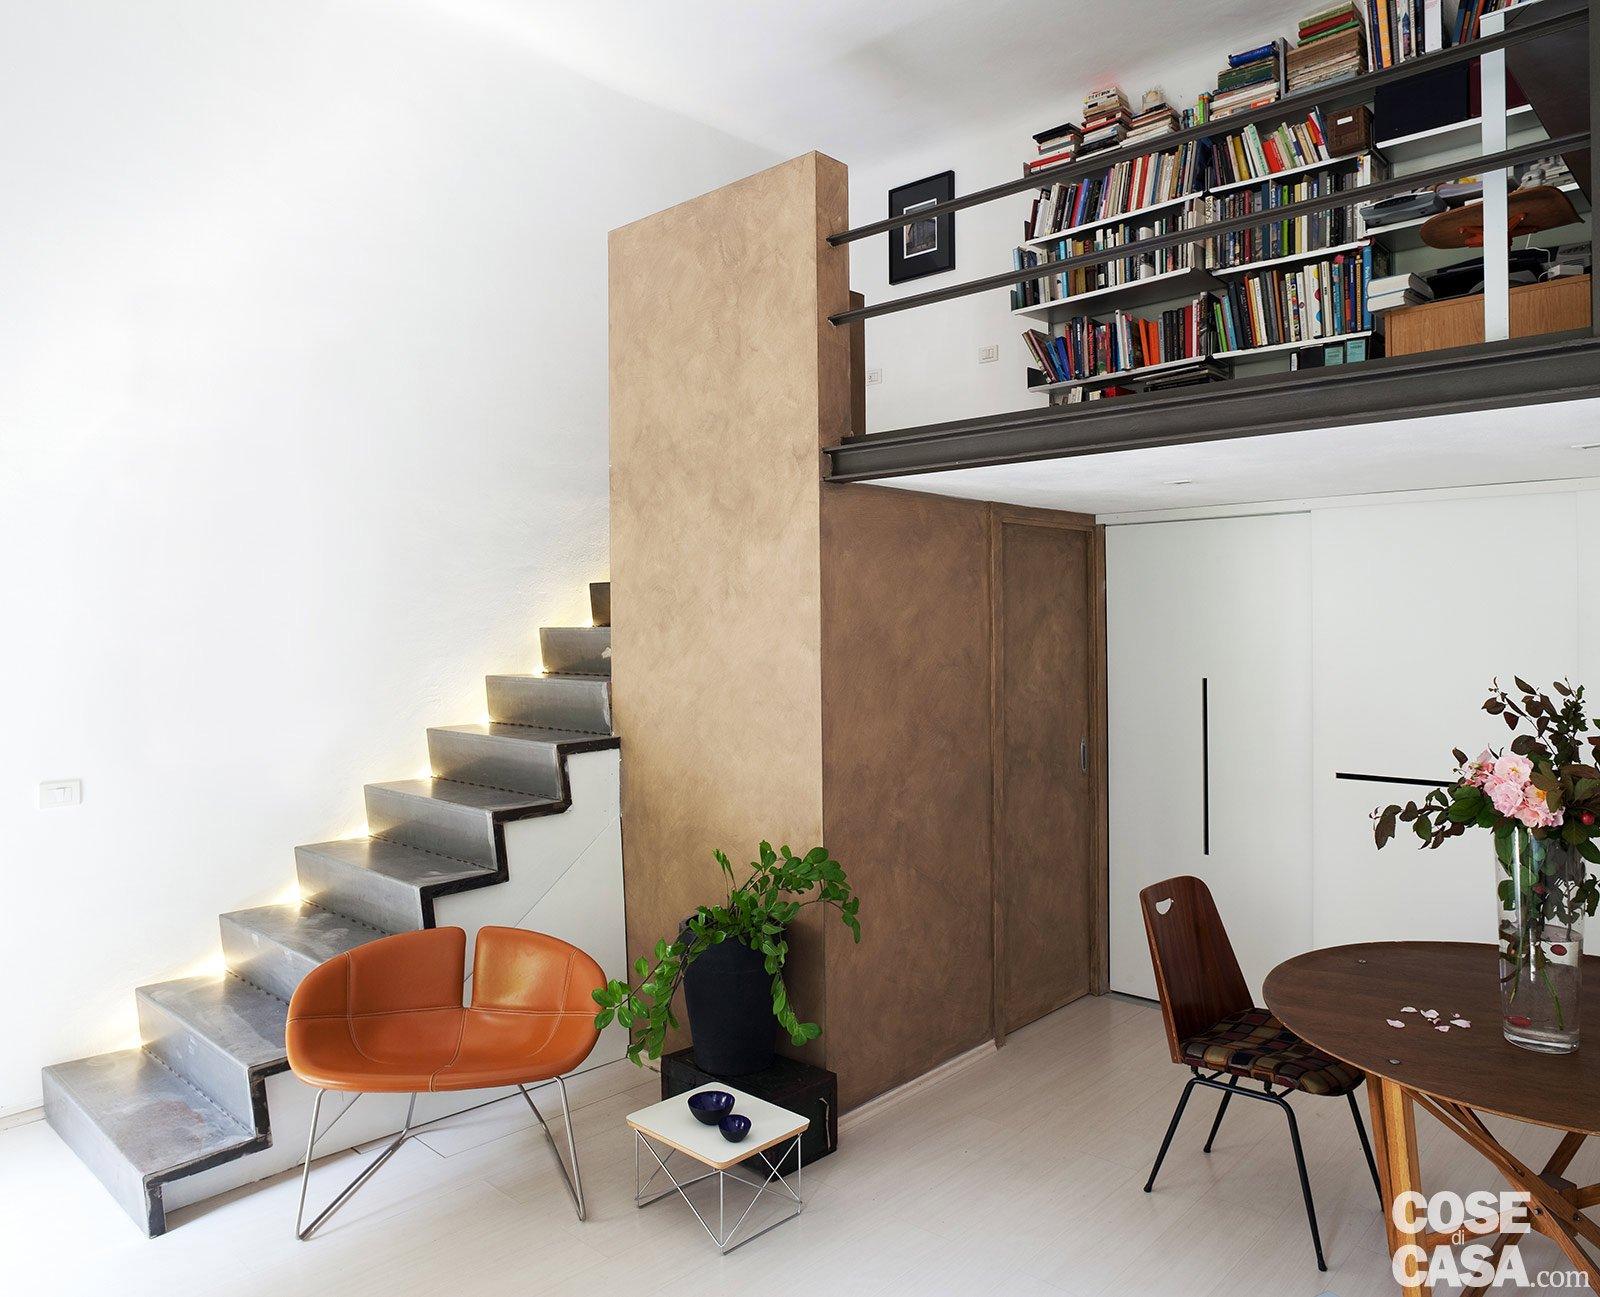 Monolocale: una casa di 30 mq risolta al centimetro - Cose di Casa